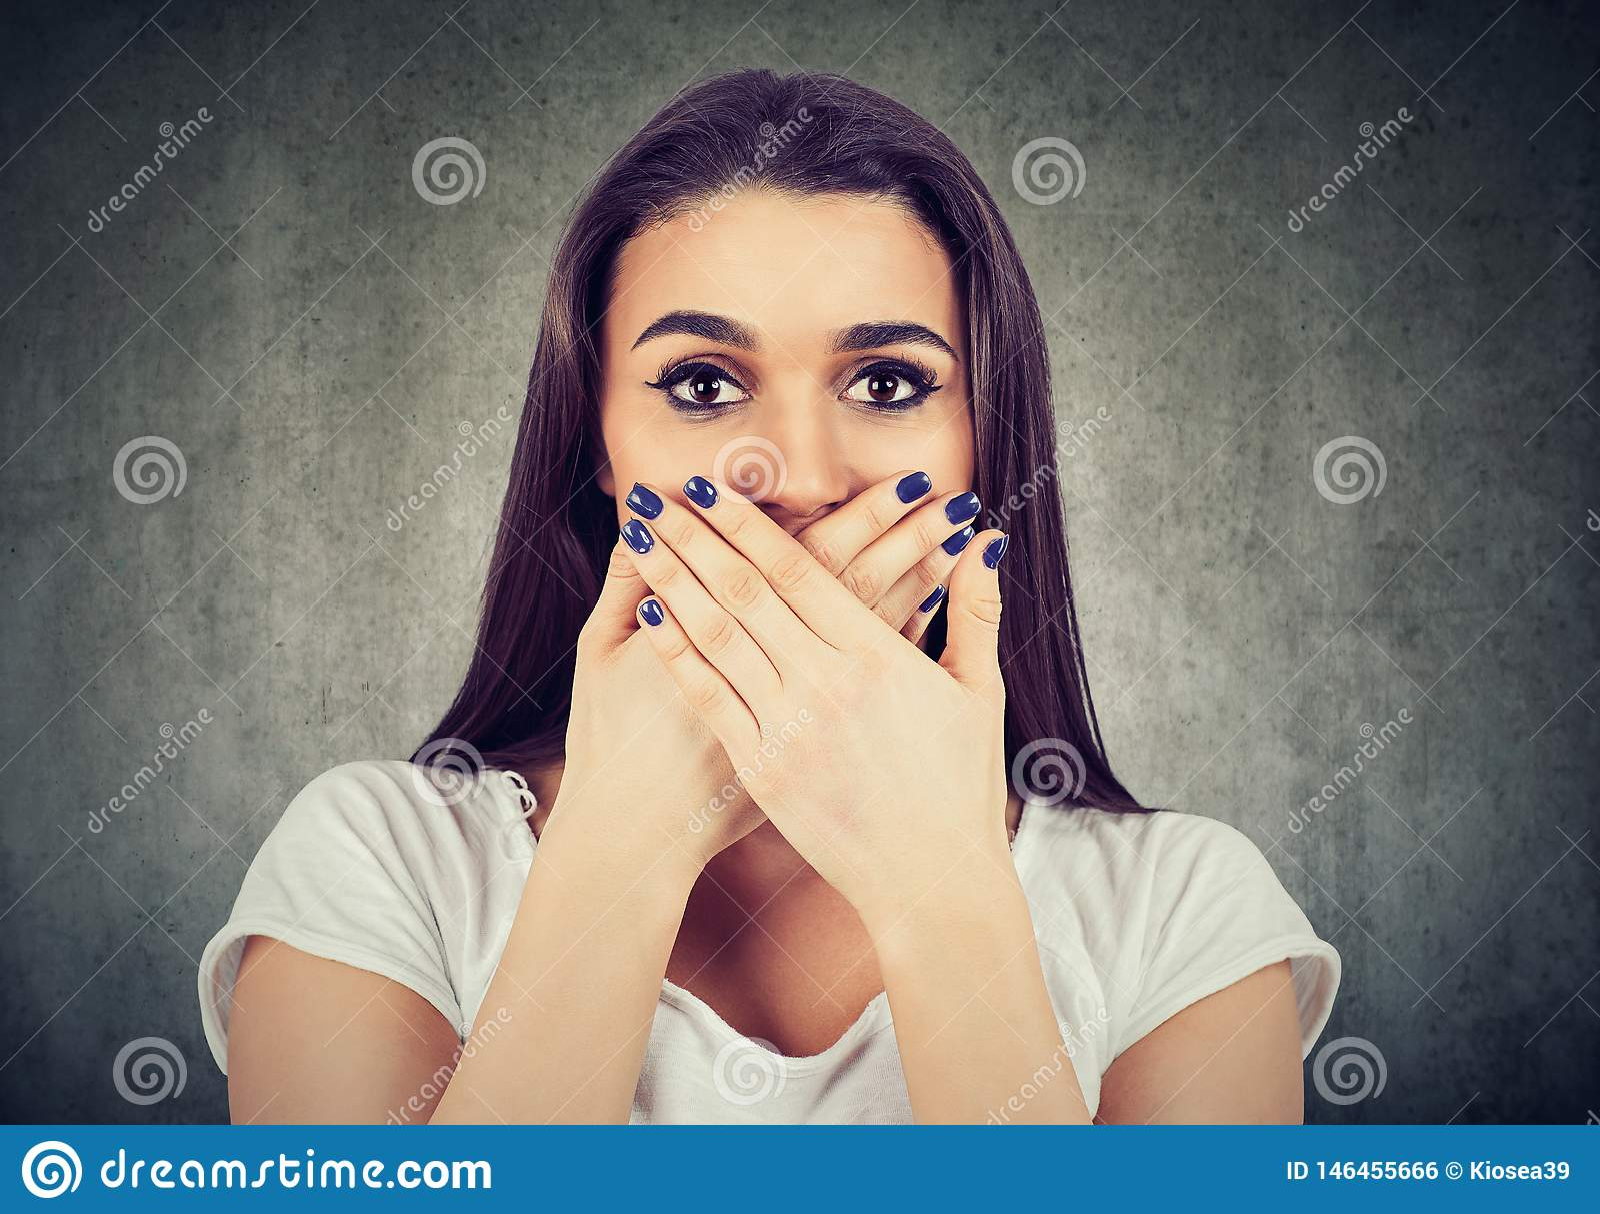 La donna spaventata copre la sua bocca per tenerla calma